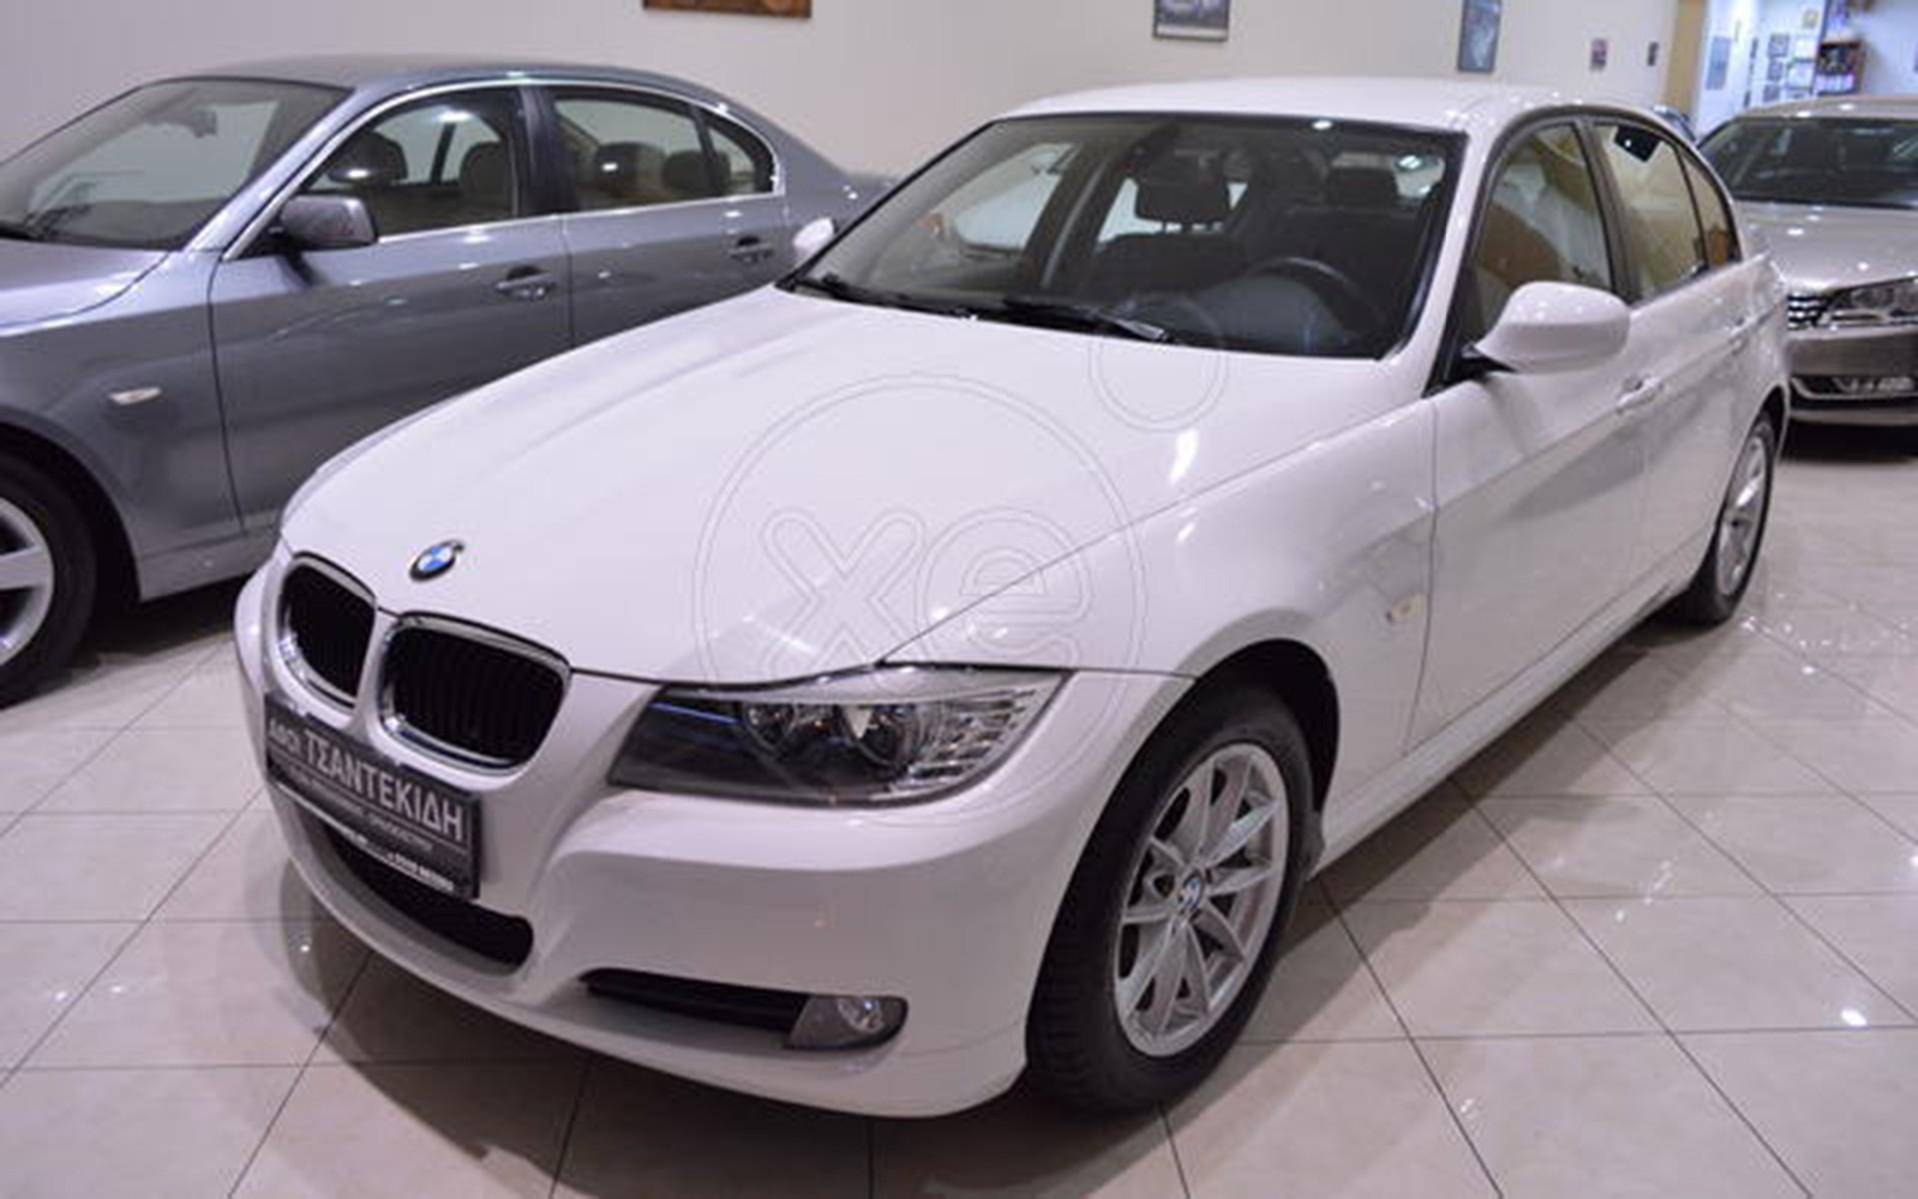 8e069c7c5 5 μεταχειρισμένα BMW 316 από 4.500 ευρώ - Μοντέλα από το 2001 έως ...